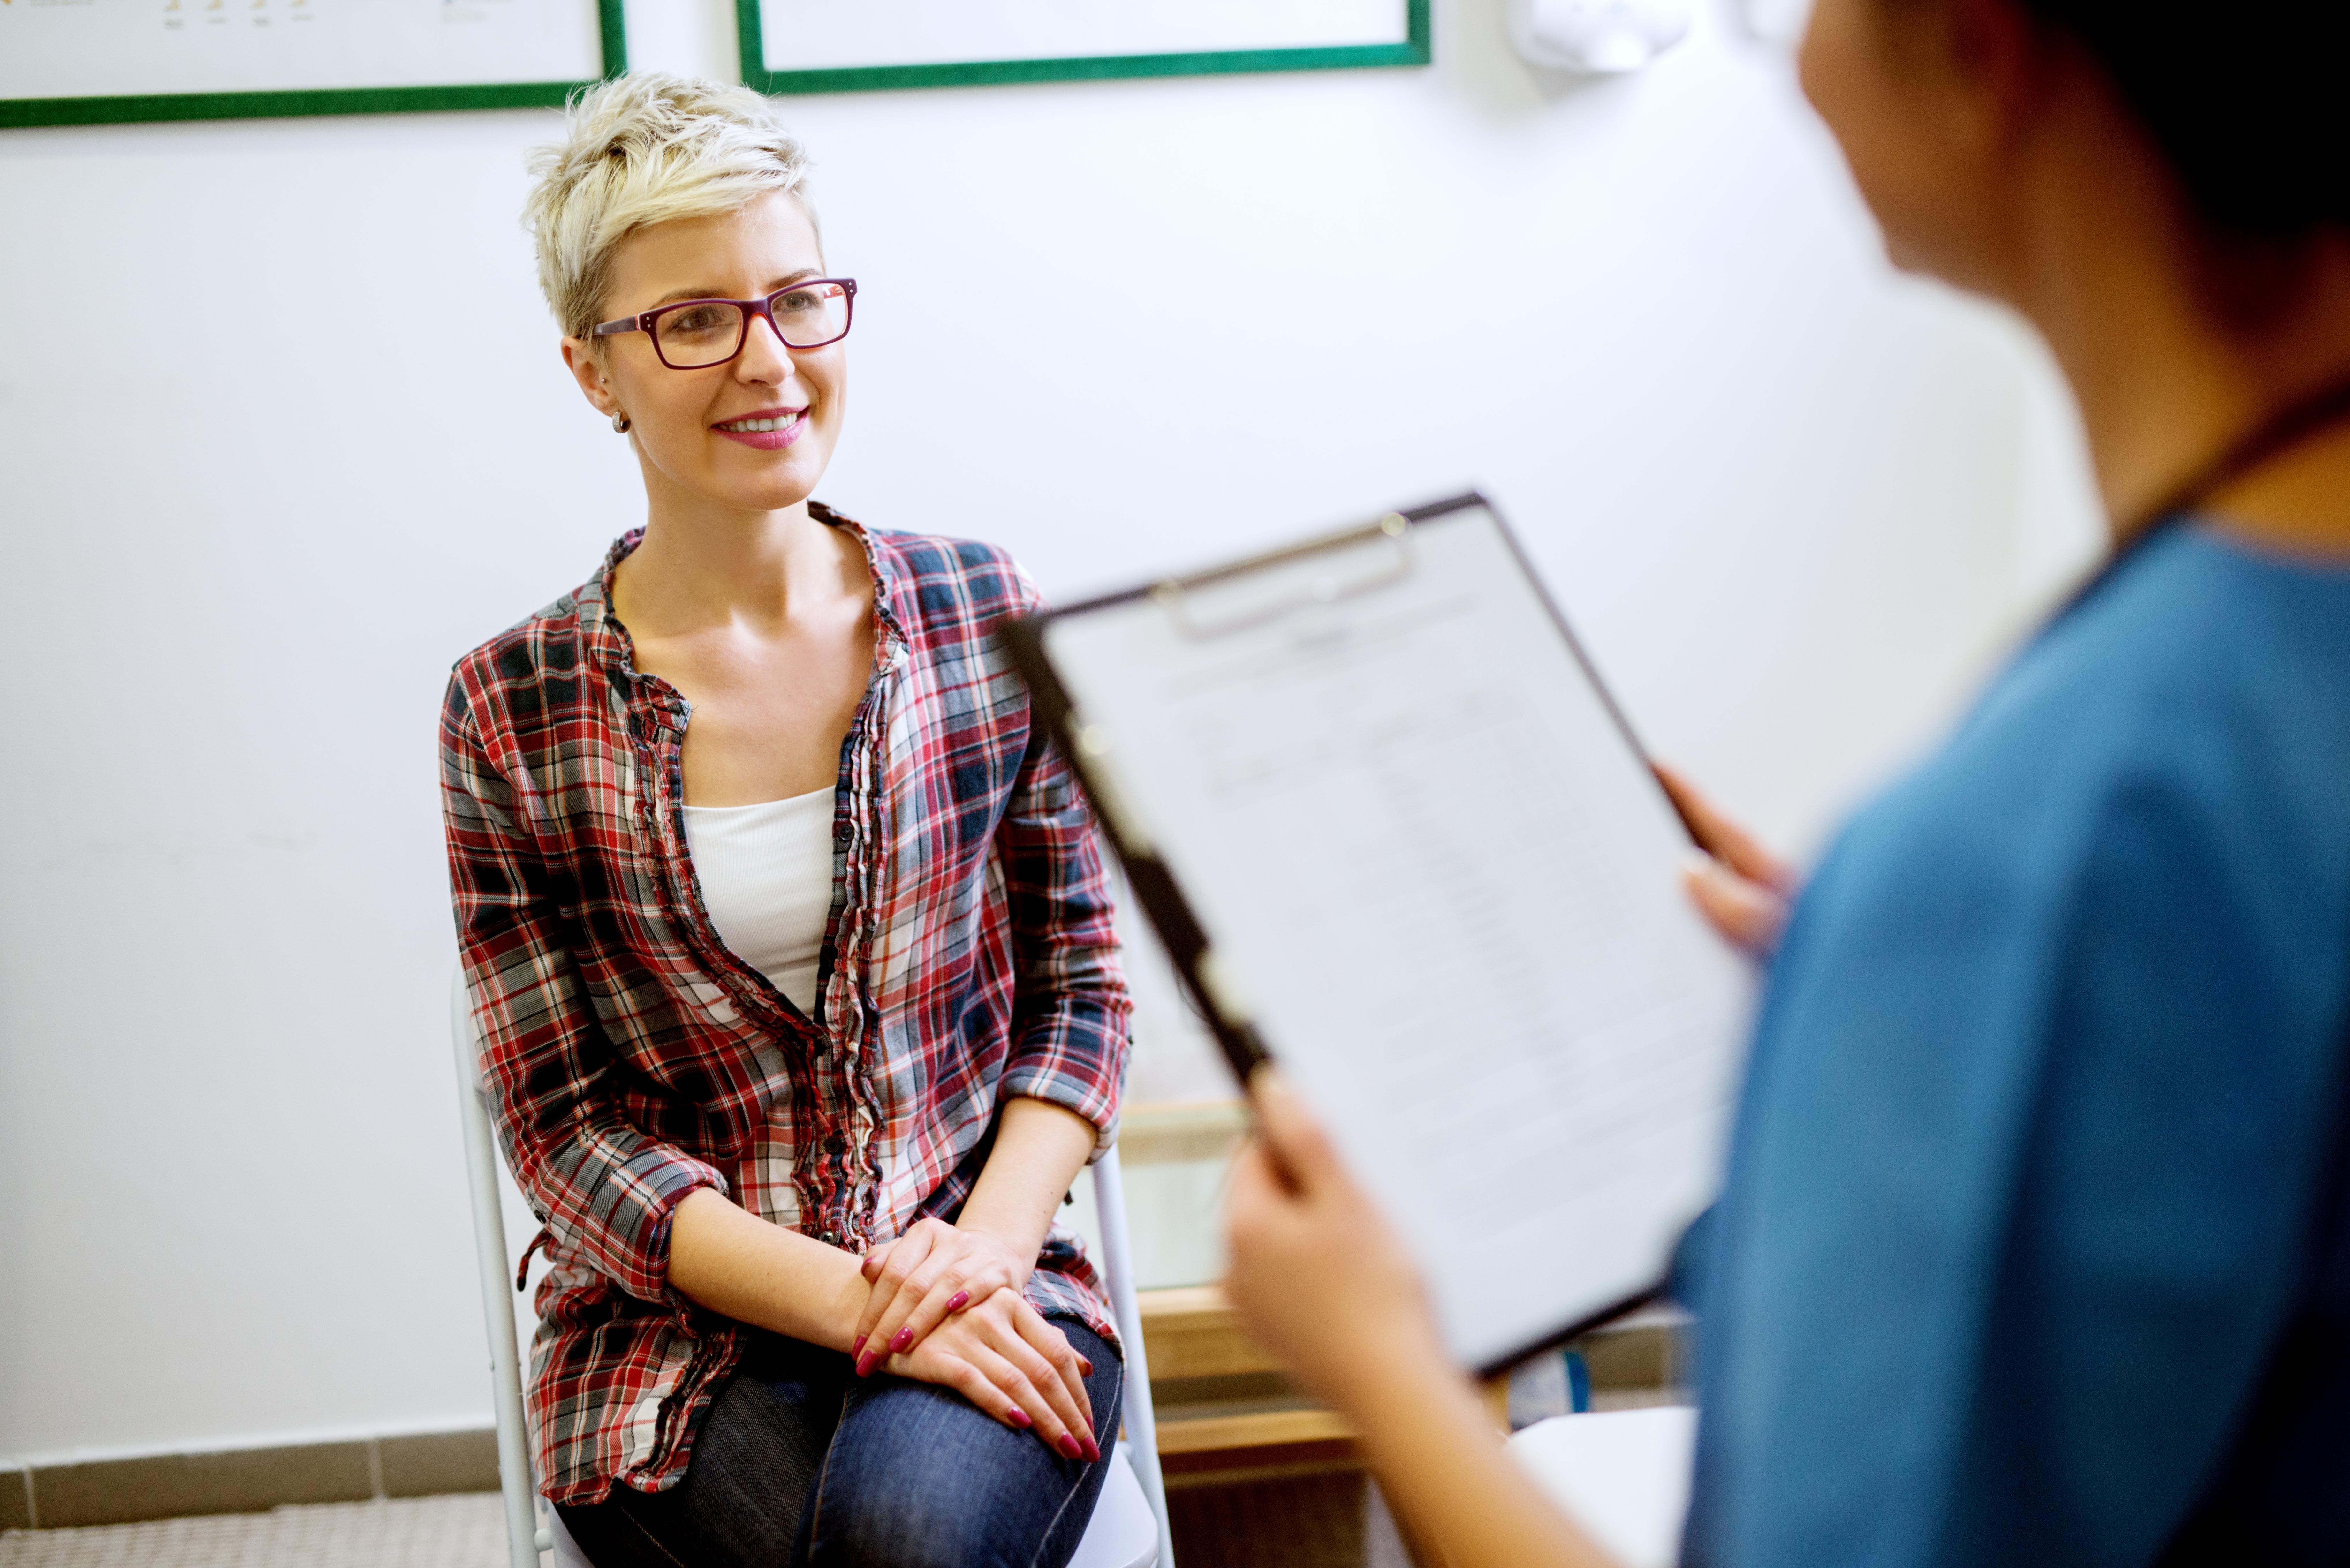 Forskning visar att bara fem minuters rådgivande samtal ökar sannolikheten att sluta röka.